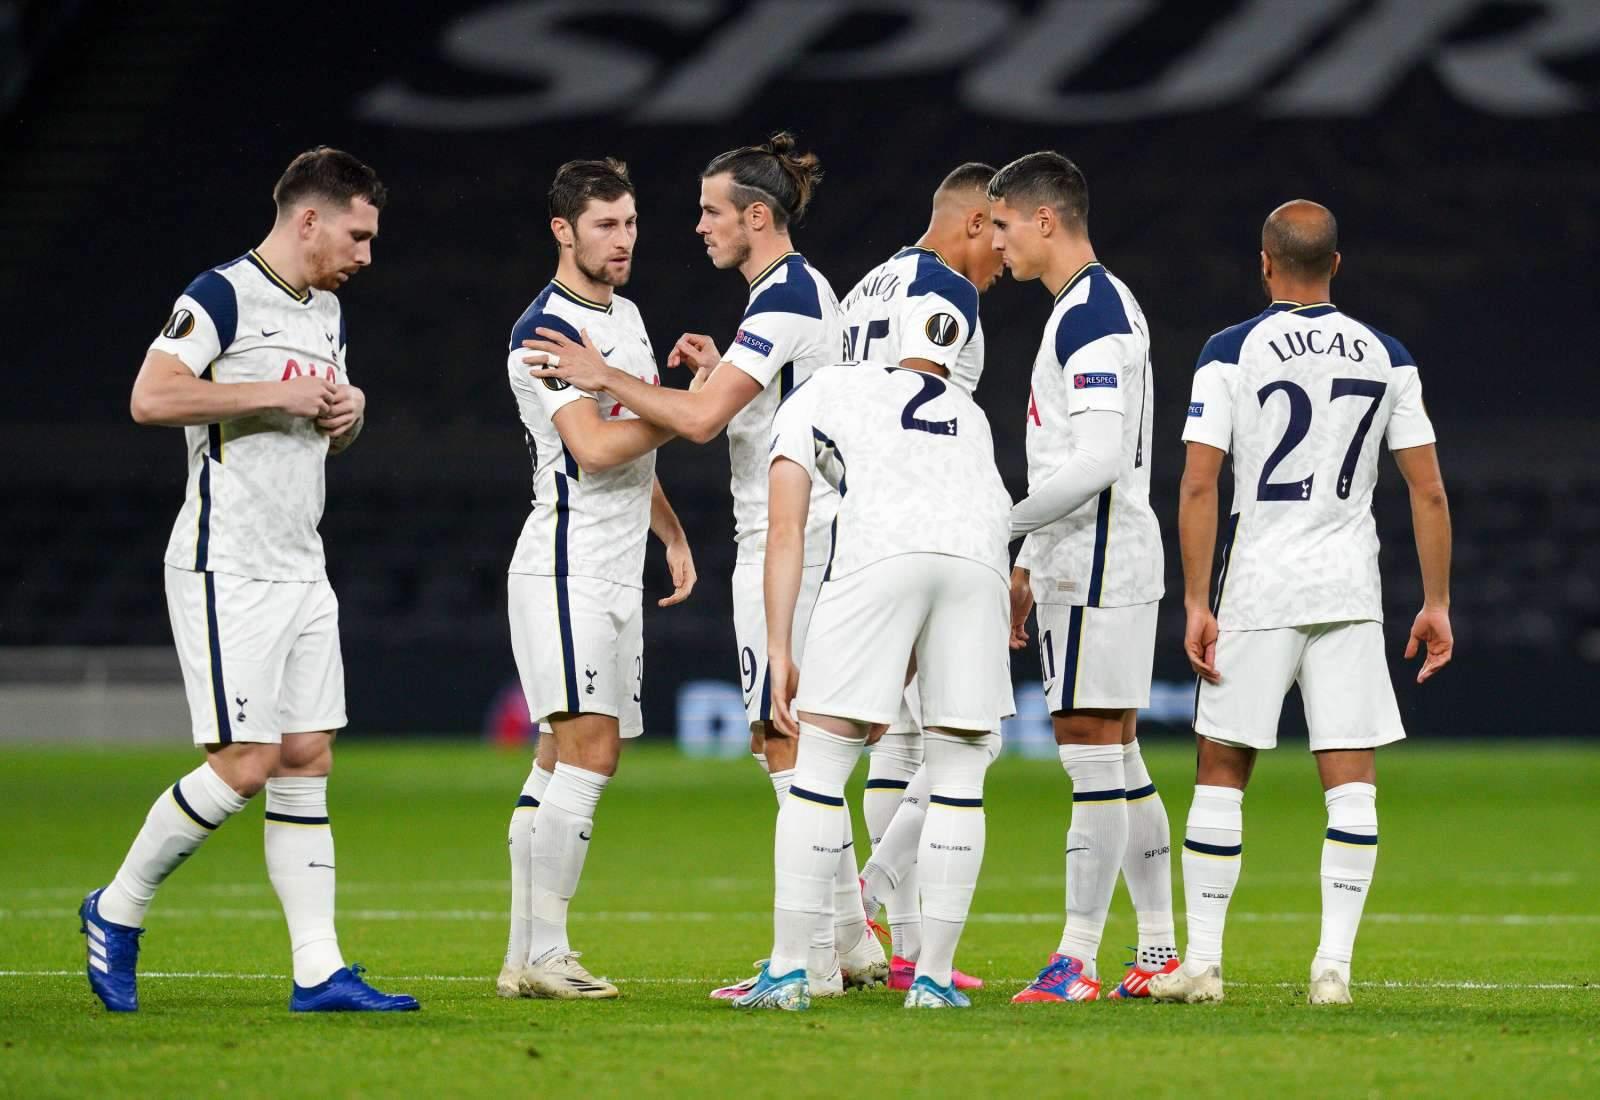 «Тоттенхэм» - «Лидс»: прогноз на матч чемпионата Англии – 2 января 2021